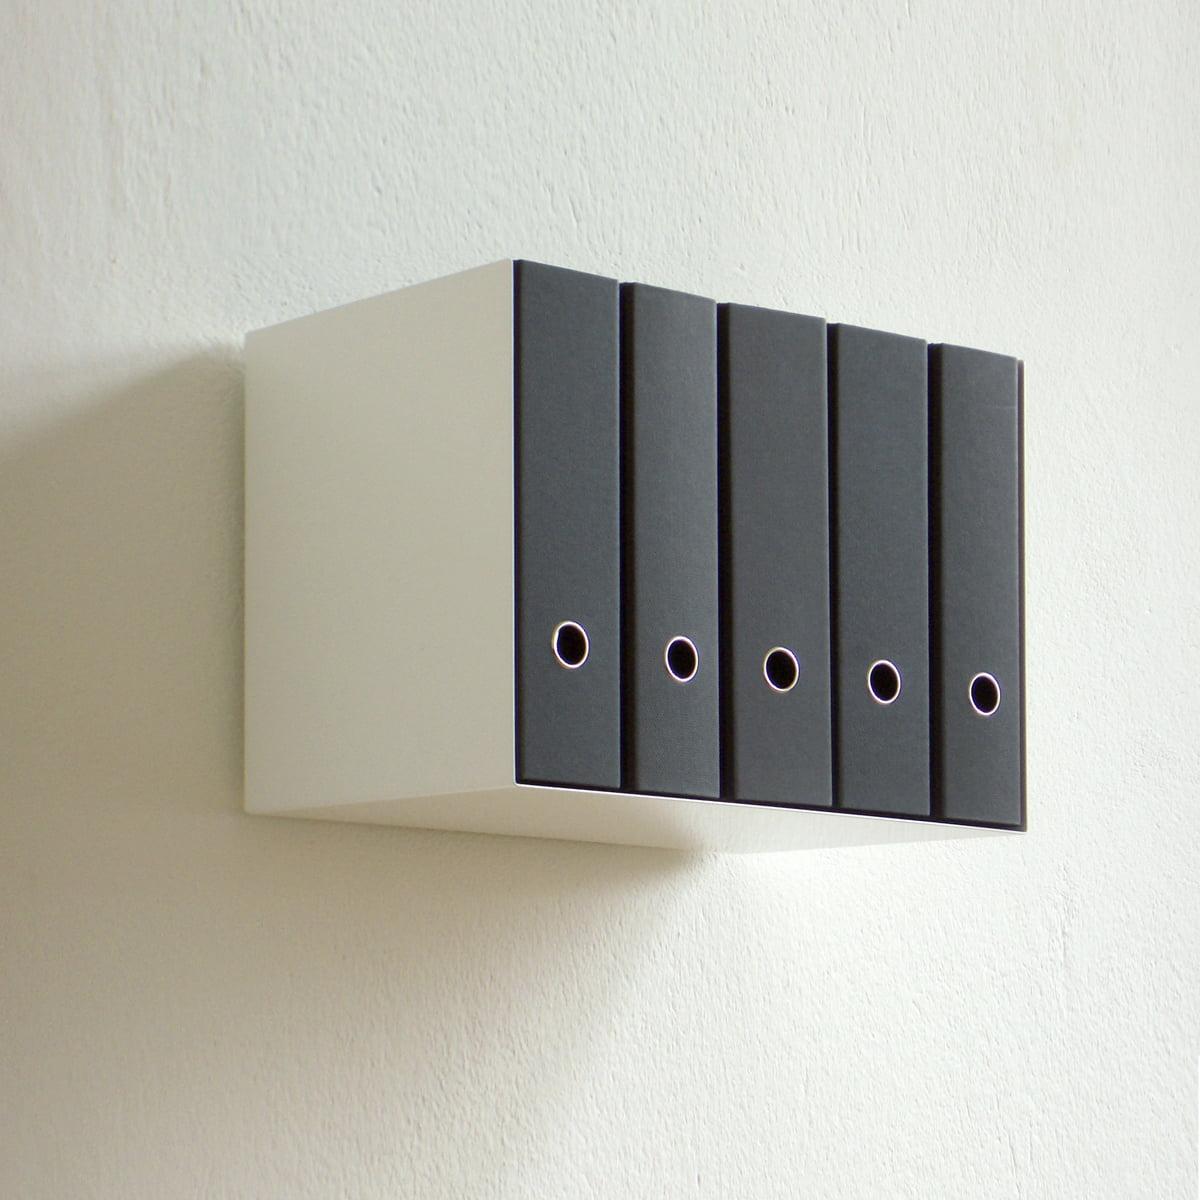 linea1 c ordnerregal wohndesign shop. Black Bedroom Furniture Sets. Home Design Ideas